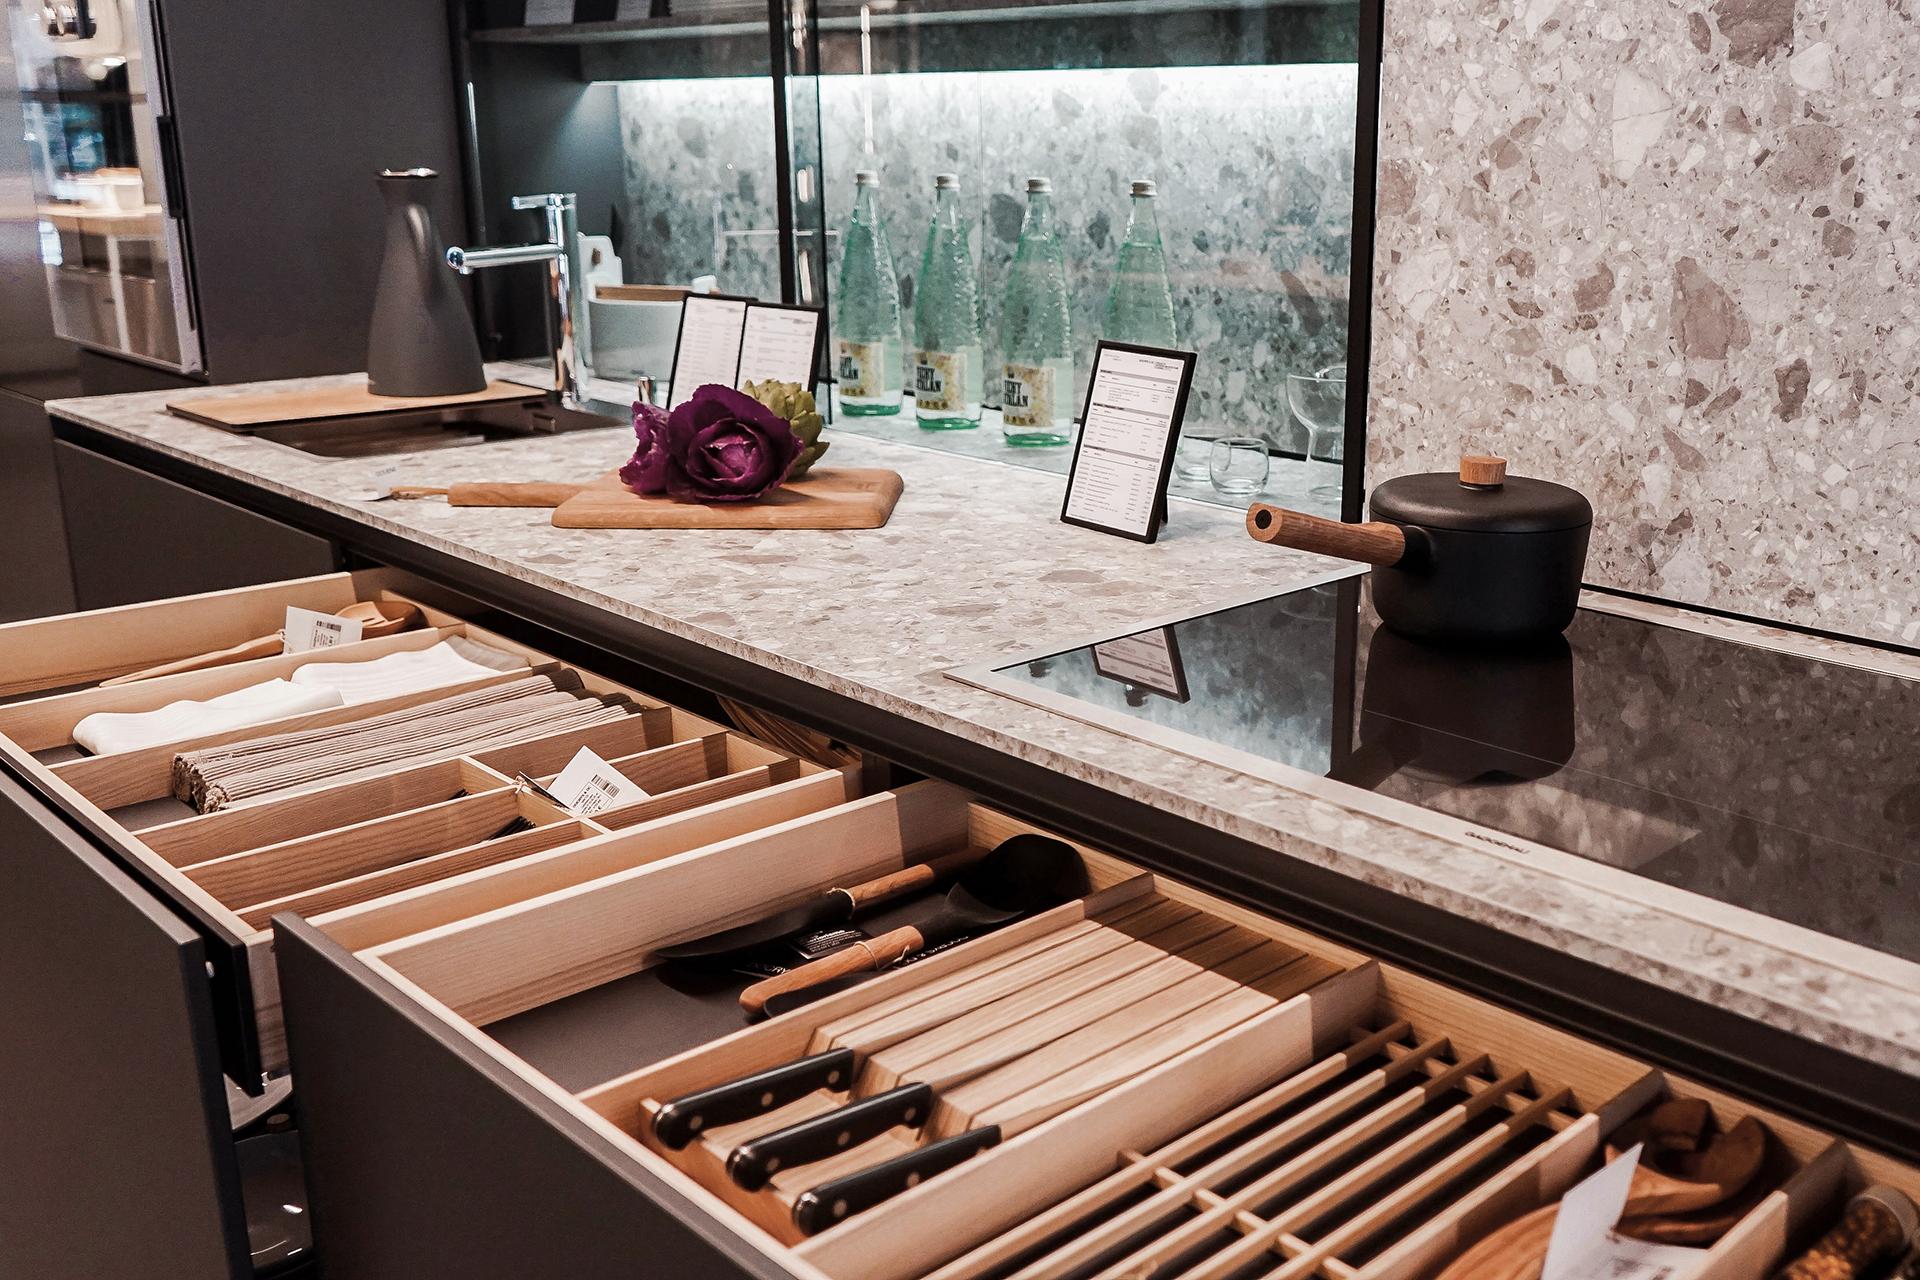 La tienda de cocinas Santos Docrys & DC abre su cuarto estudio en Madrid